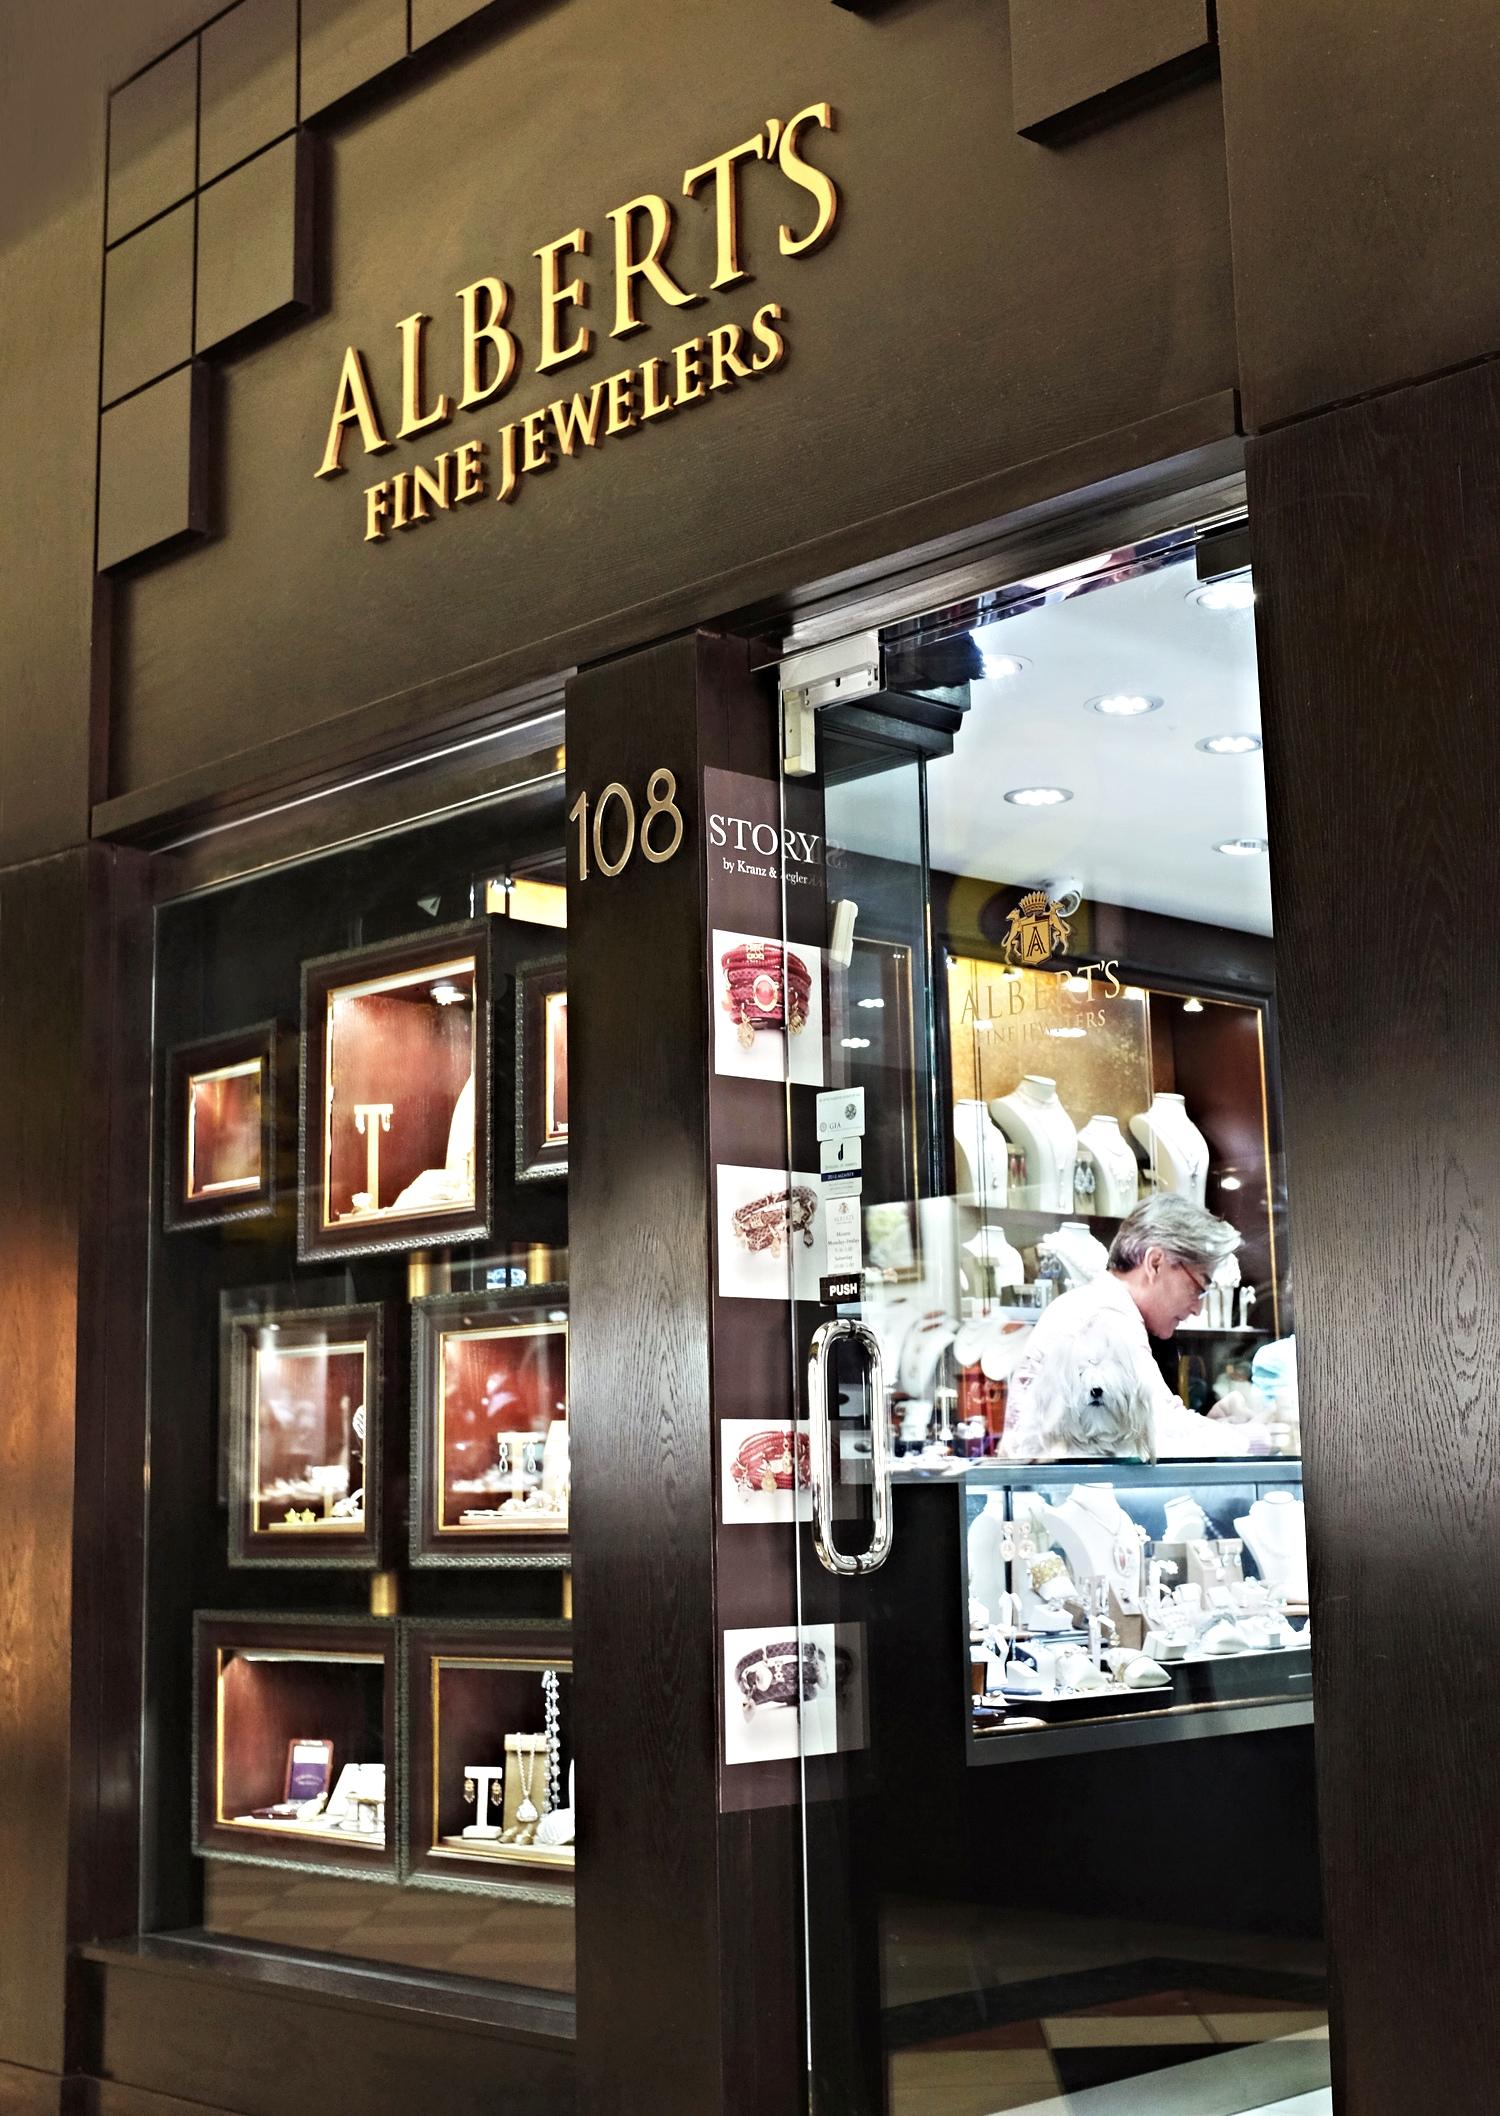 Albert S Fine Jewelers